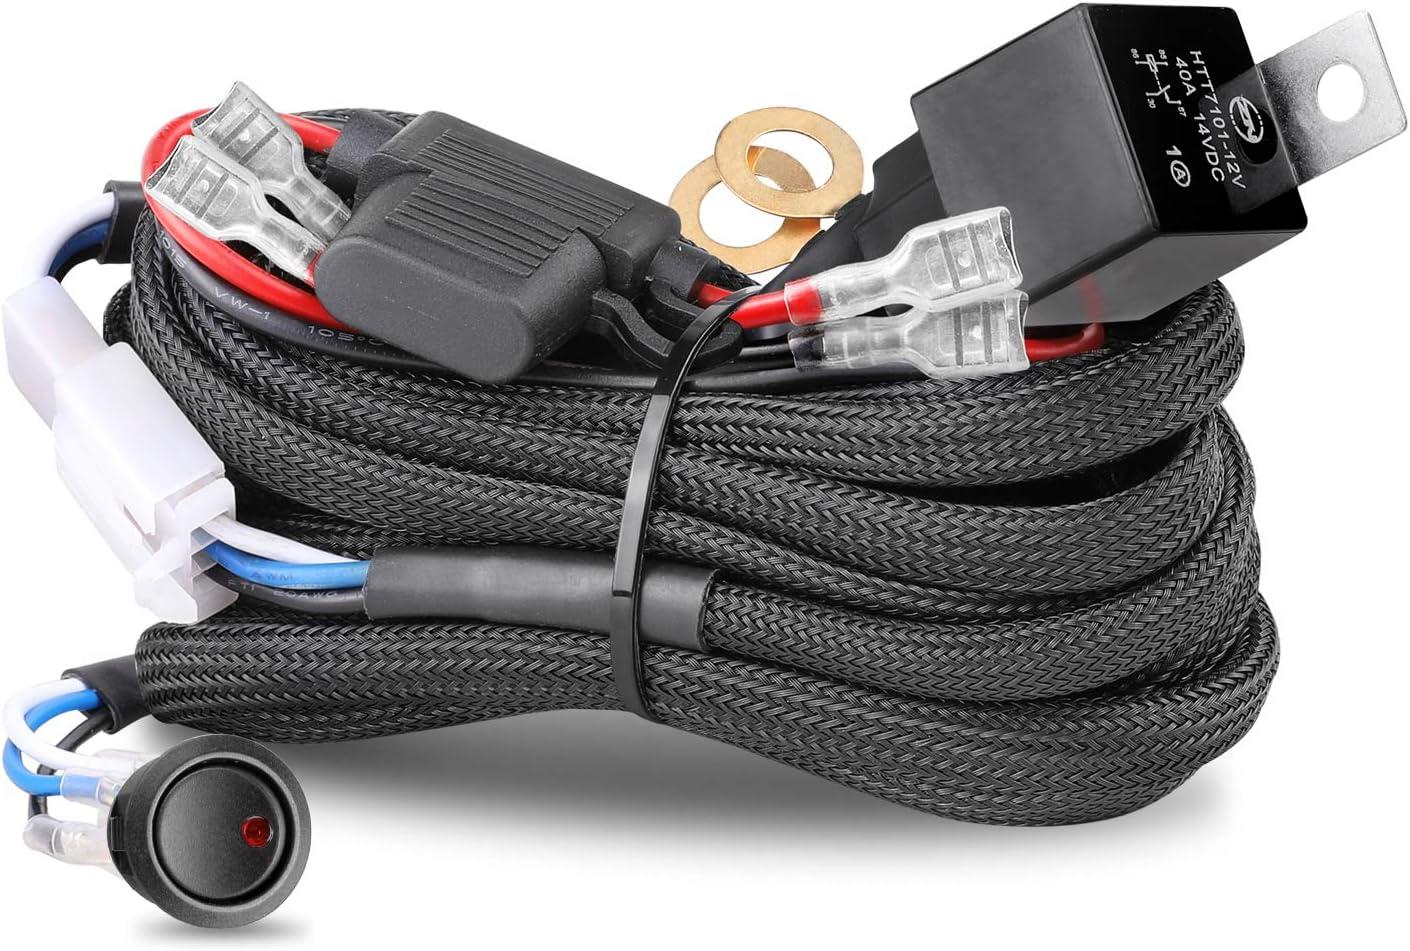 Wiring Harness 2 Lead, Nirider 12V 40A Rock Switch Relay Fuse Nylon Wiring Harness Kit for LED Light Bars Fog Lights Work Lights Driving Lights Offroad LED Pods Wire Kit for Truck UTV AVT Boat